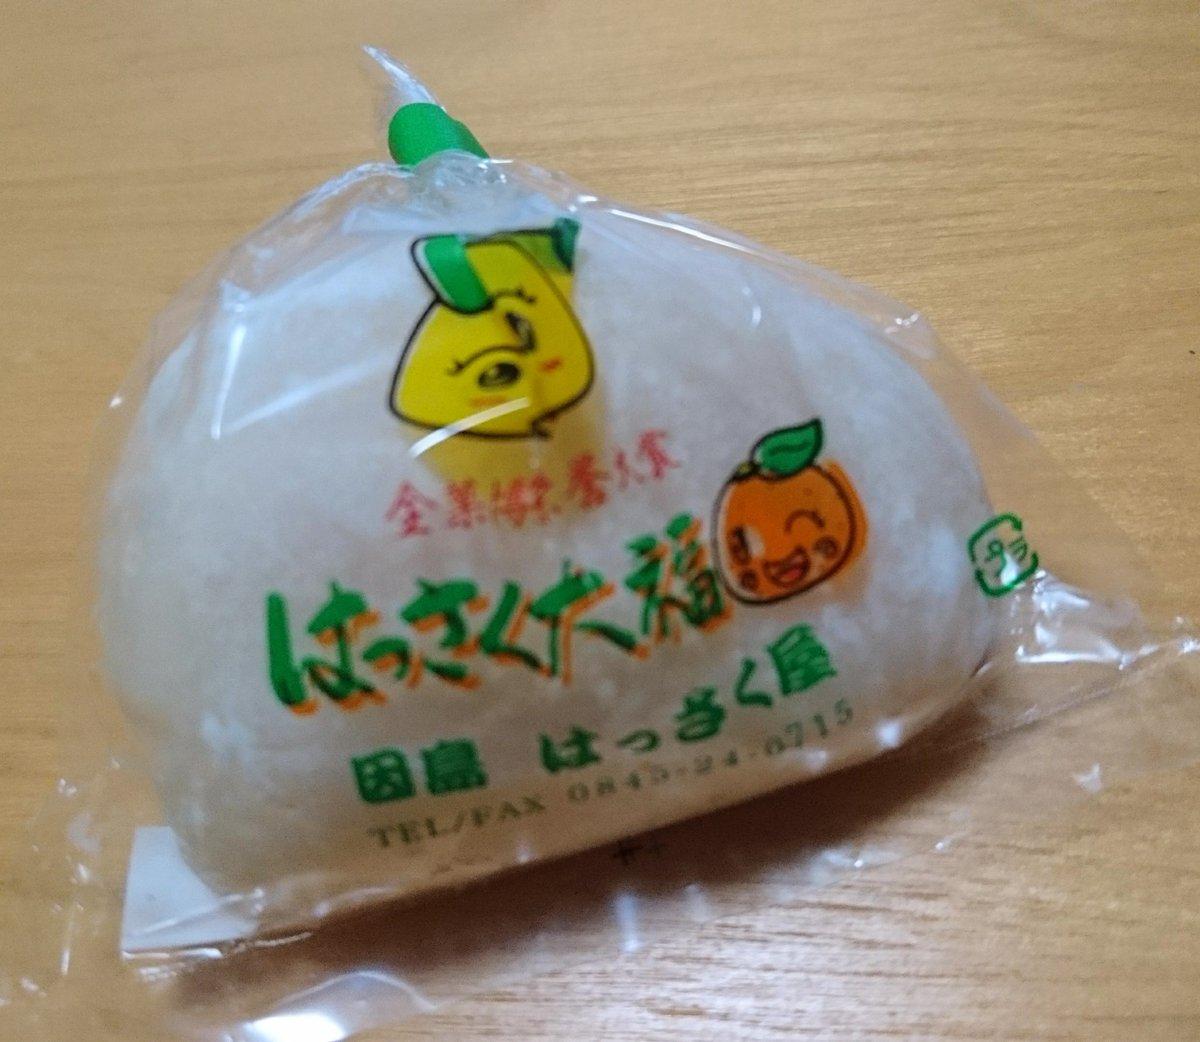 test ツイッターメディア - 因島はっさく大福! 駅前のちょっと高級なスーパーで発見して思わず1つ購入  これ広島行った時に食べた! 久しぶりに食べて 10個は食べれる~って思った~ https://t.co/YA5QRNCxIl